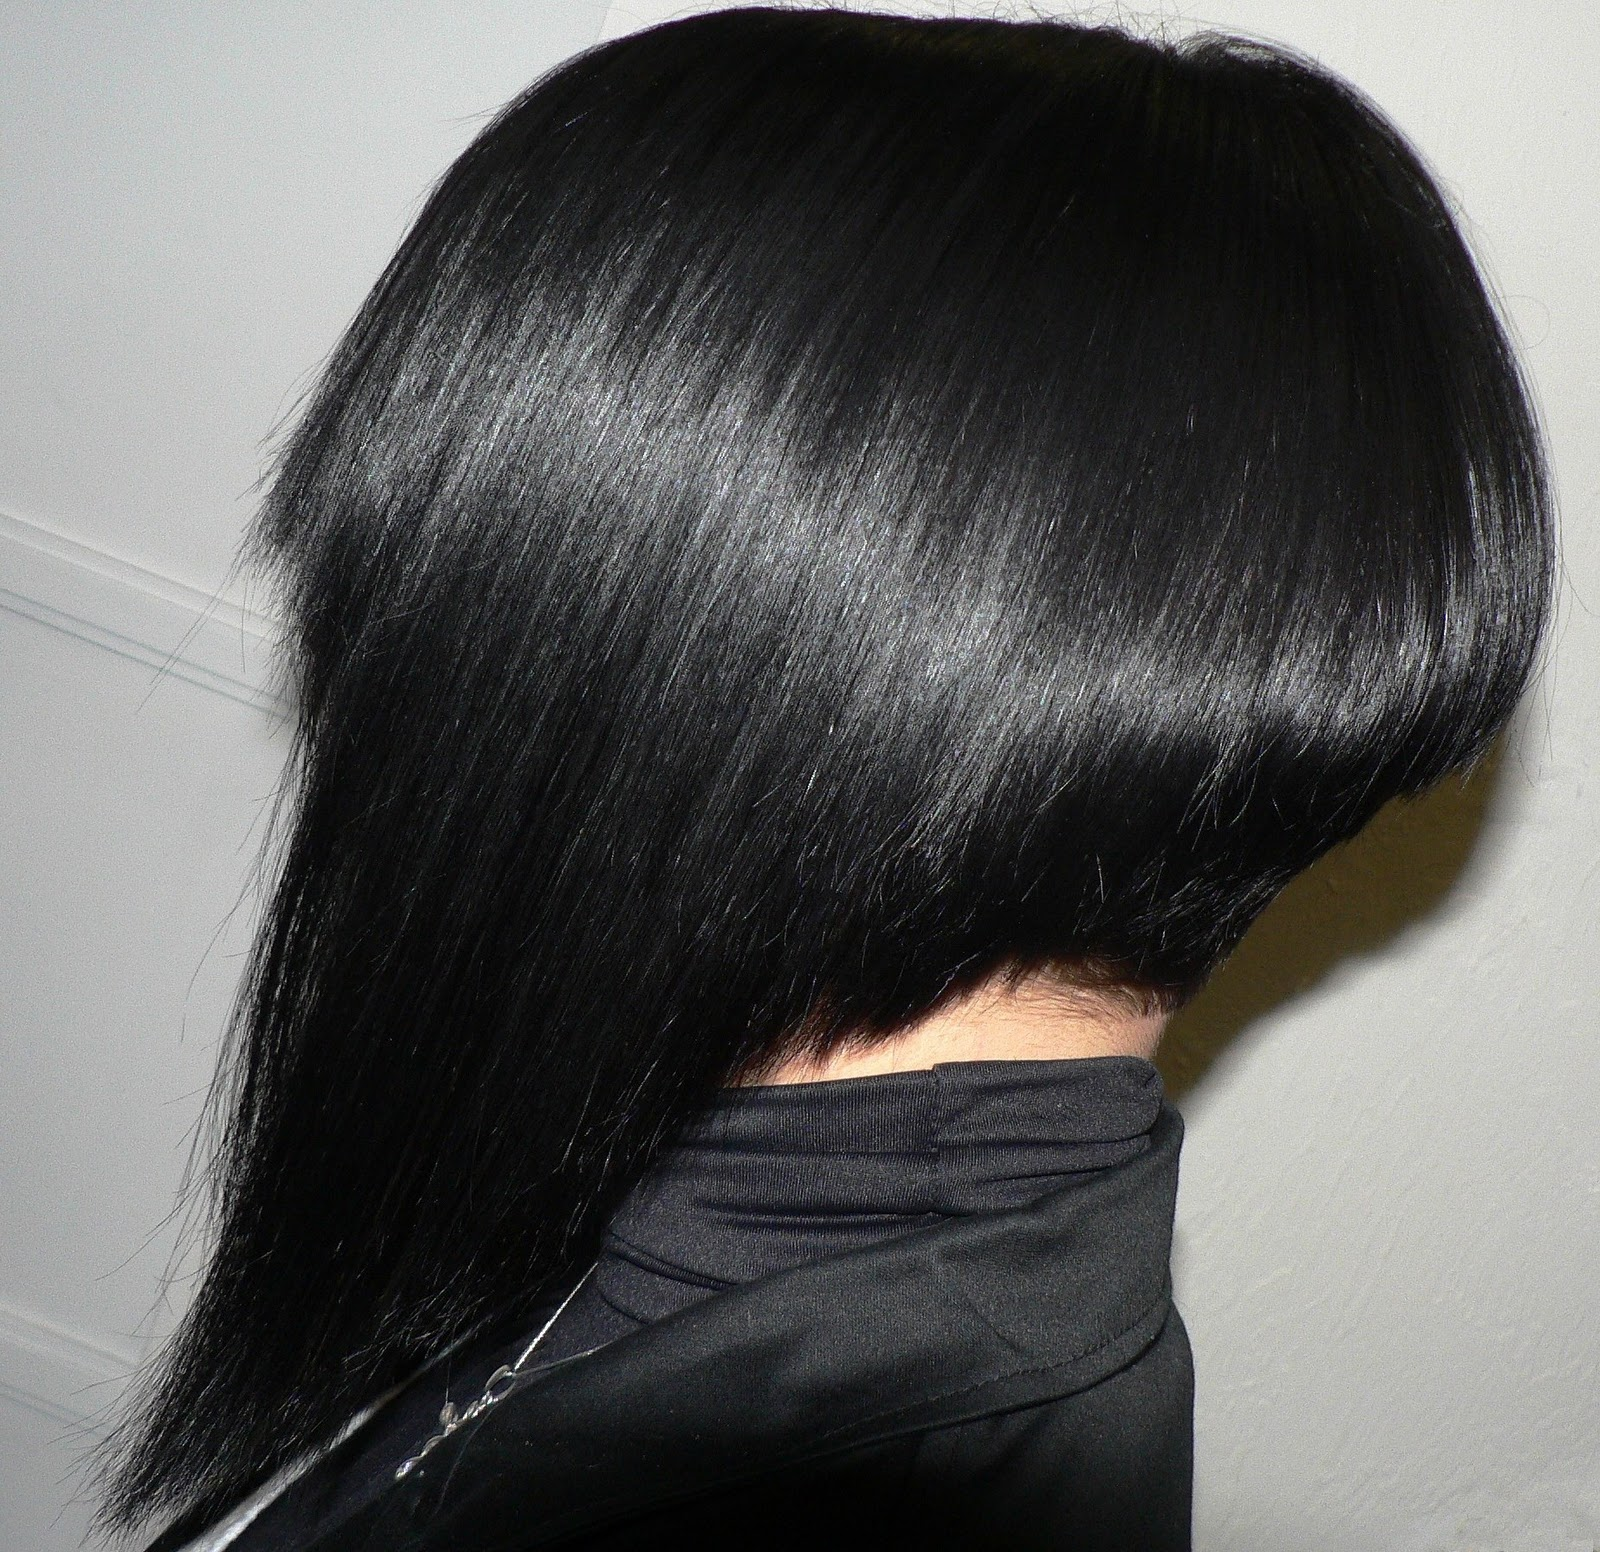 Pin coiffure au carre plongeant coupe degrade avec frange - Coiffure carre plongeant ...